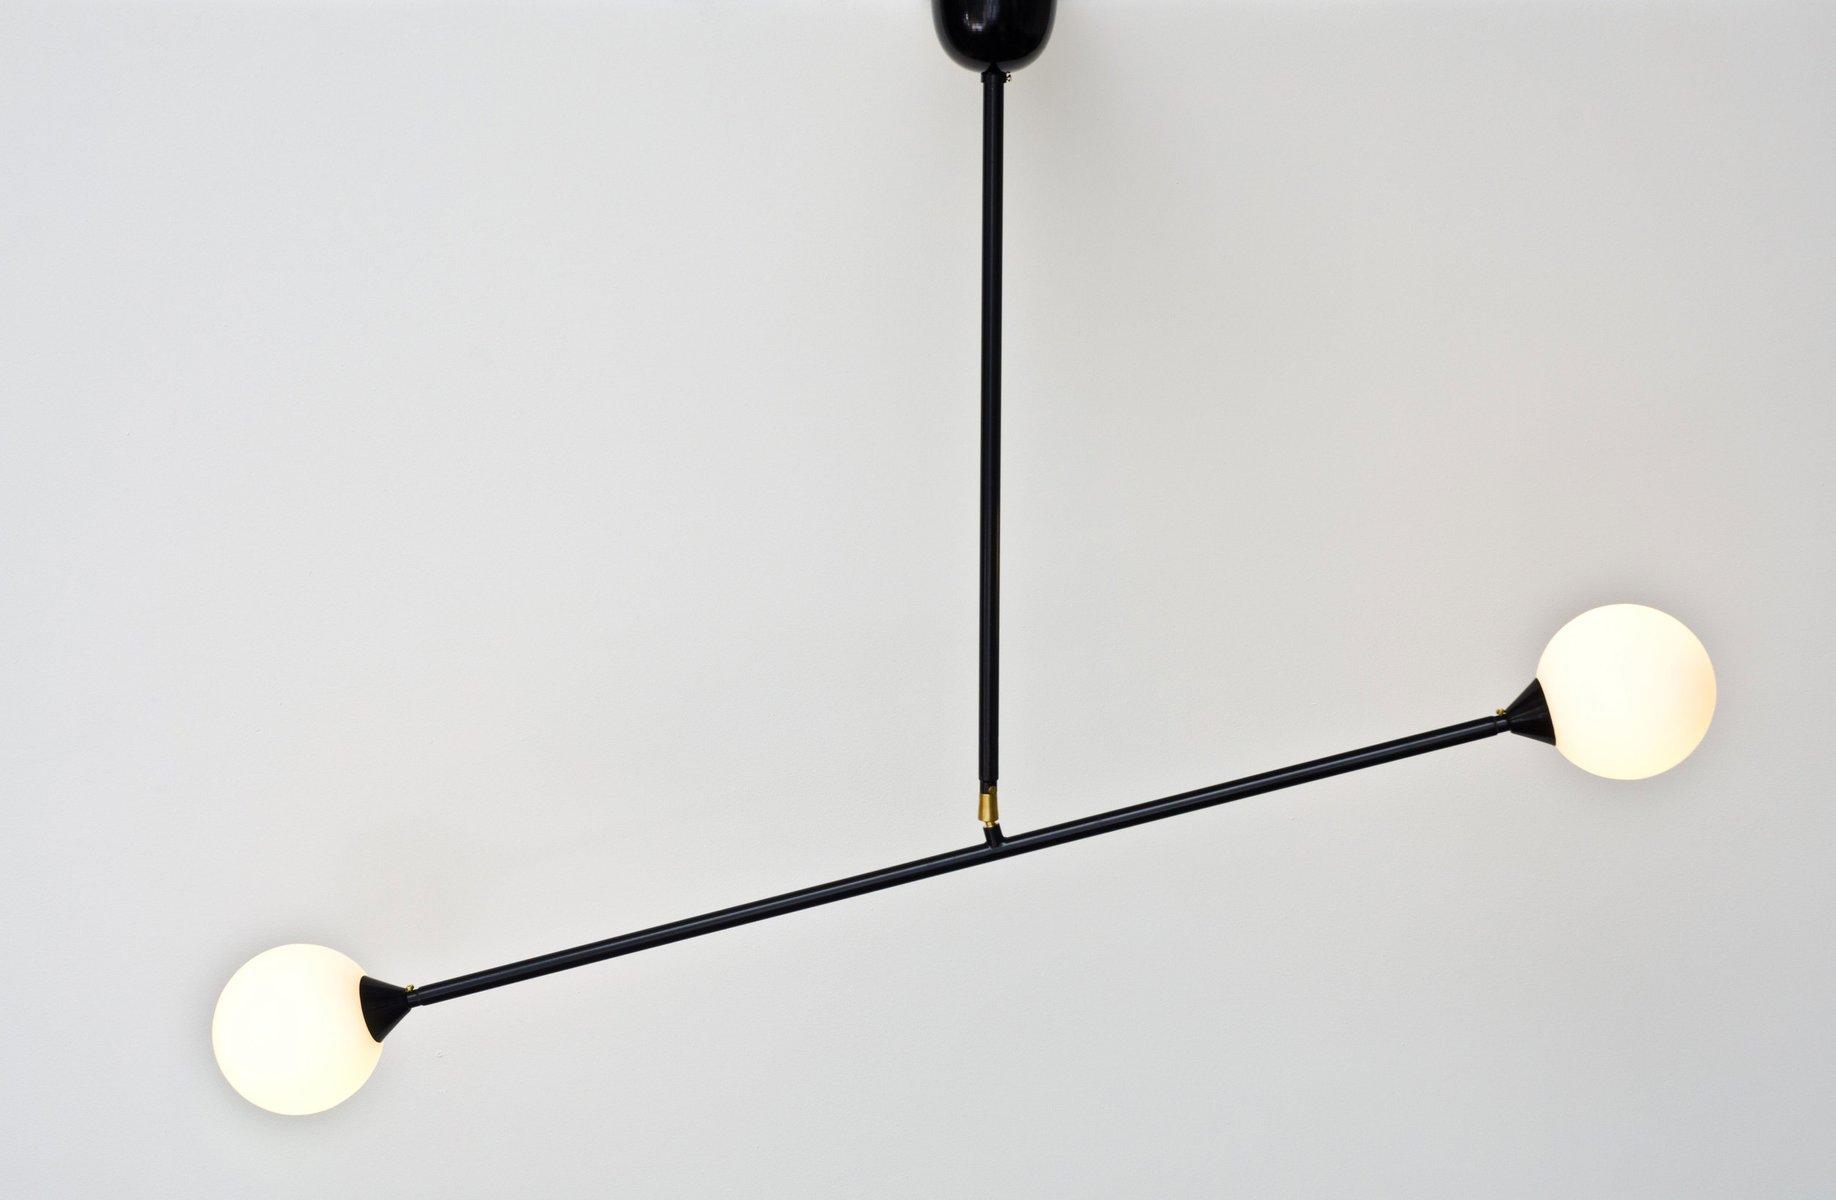 Two Spheres Hängelampe von Atelier Areti